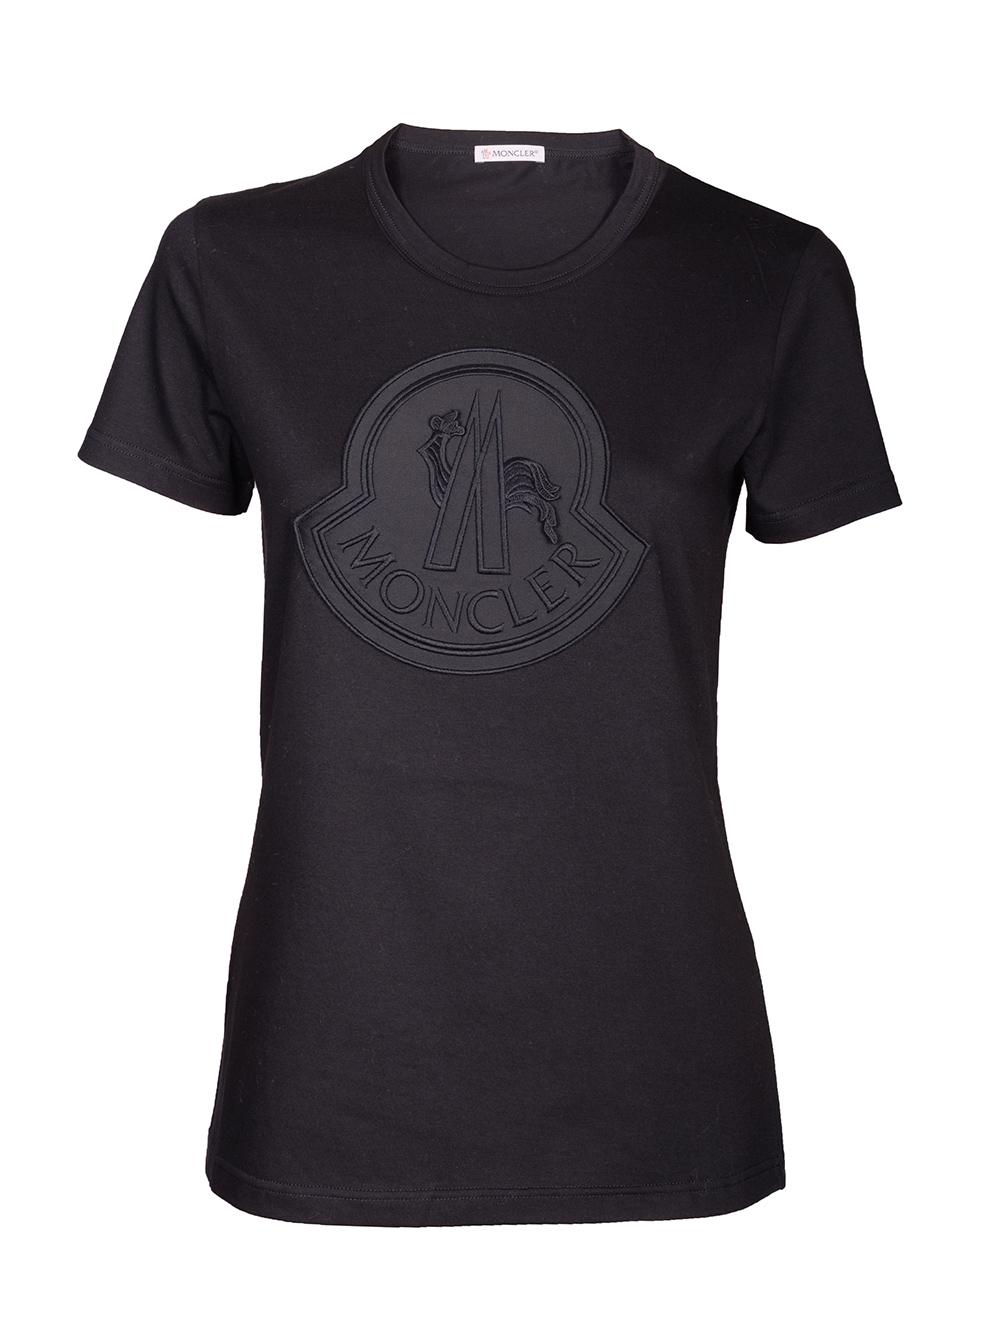 MONCLER Μπλούζα Τ-shirt E2-093-8091800 V8059 ΜΑΥΡΟ